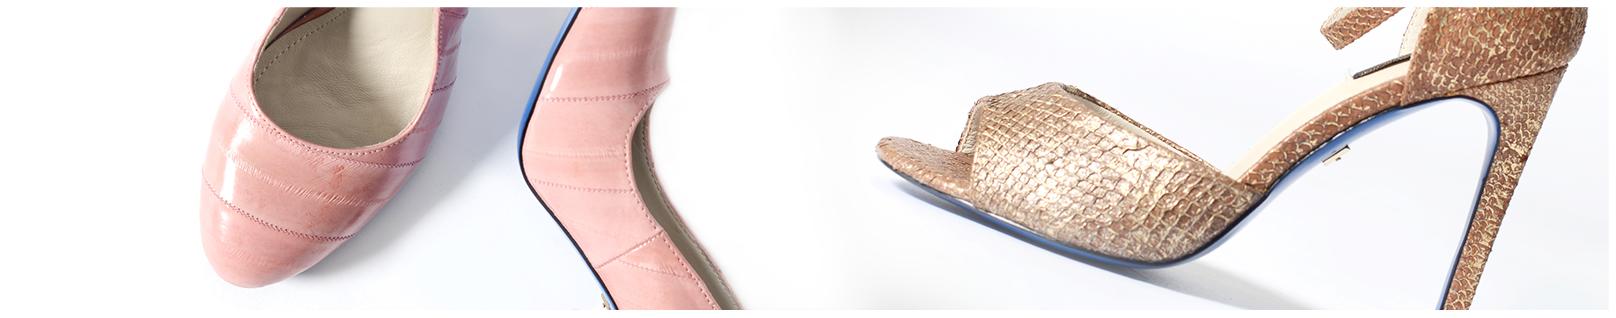 Atelier de création de chaussures de luxe à Marseille